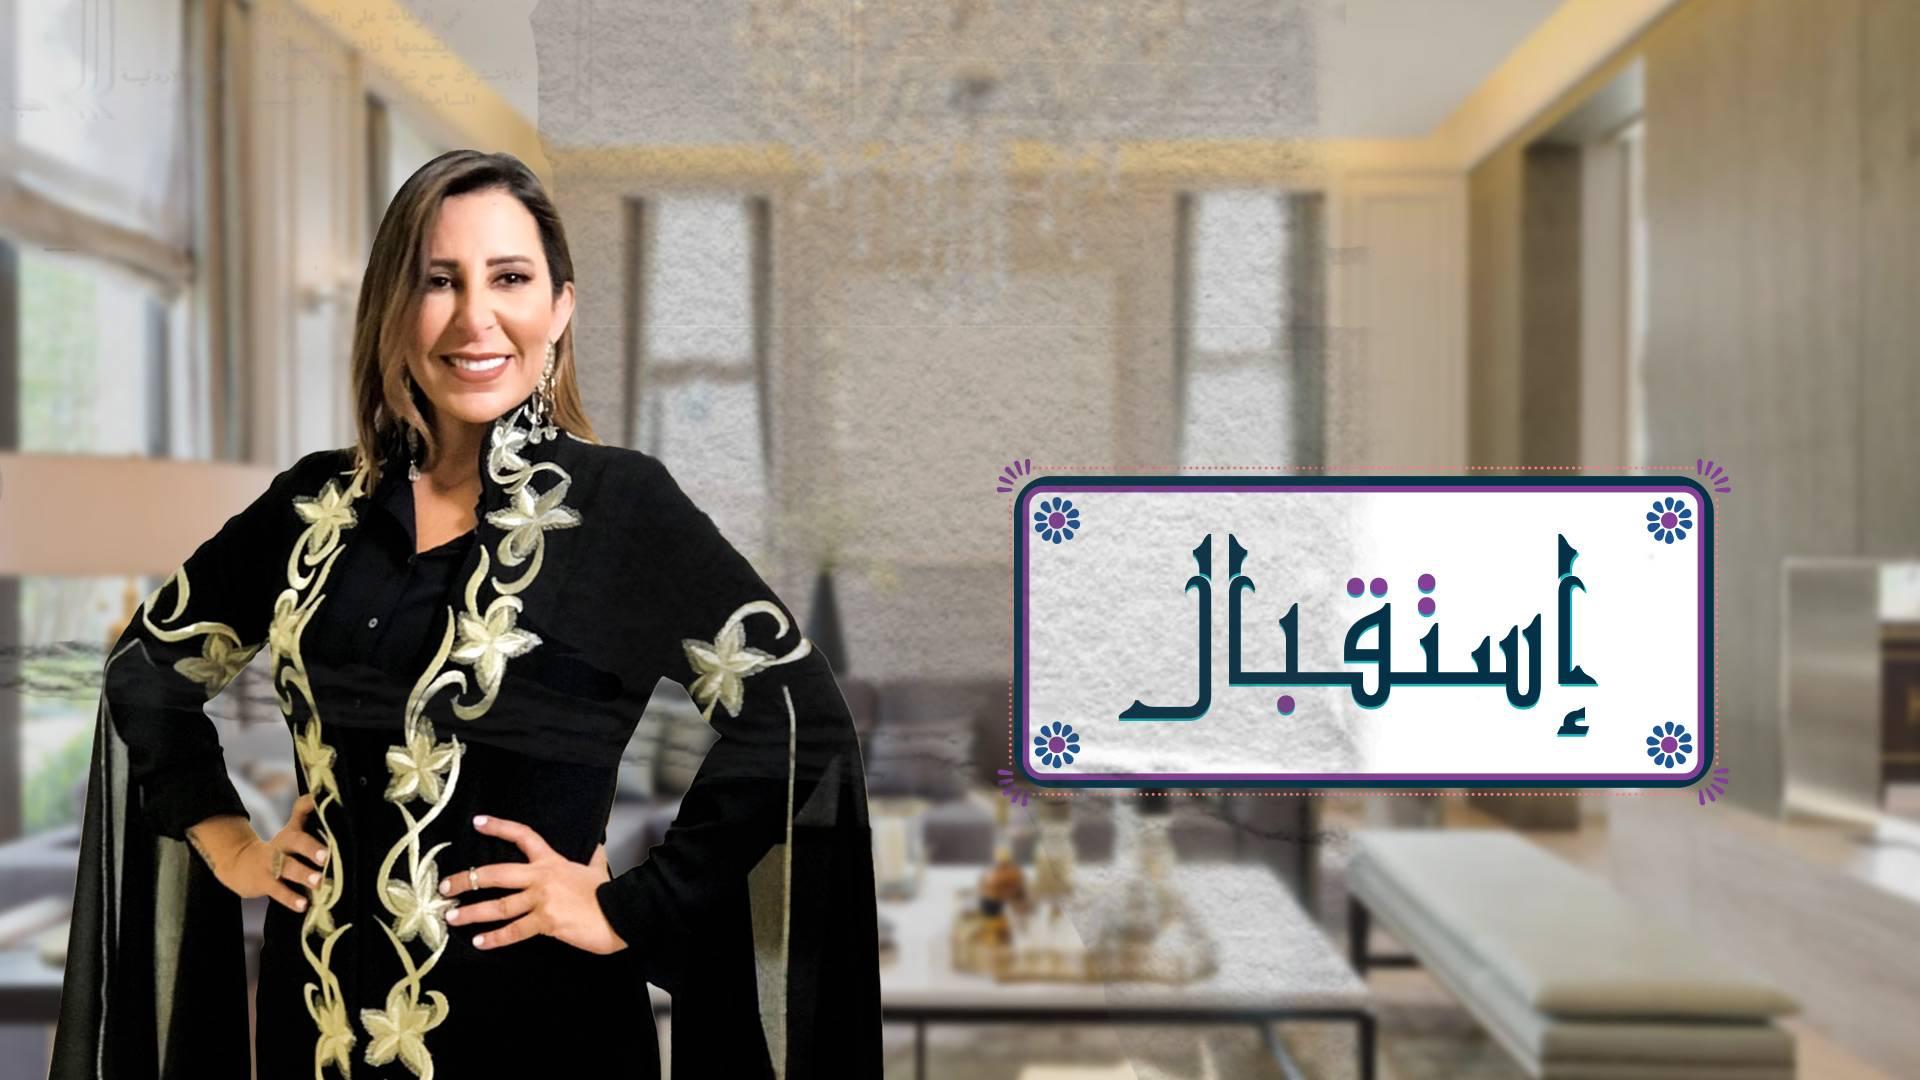 علاقة المرأة الأردنية بالأرض - فيديو